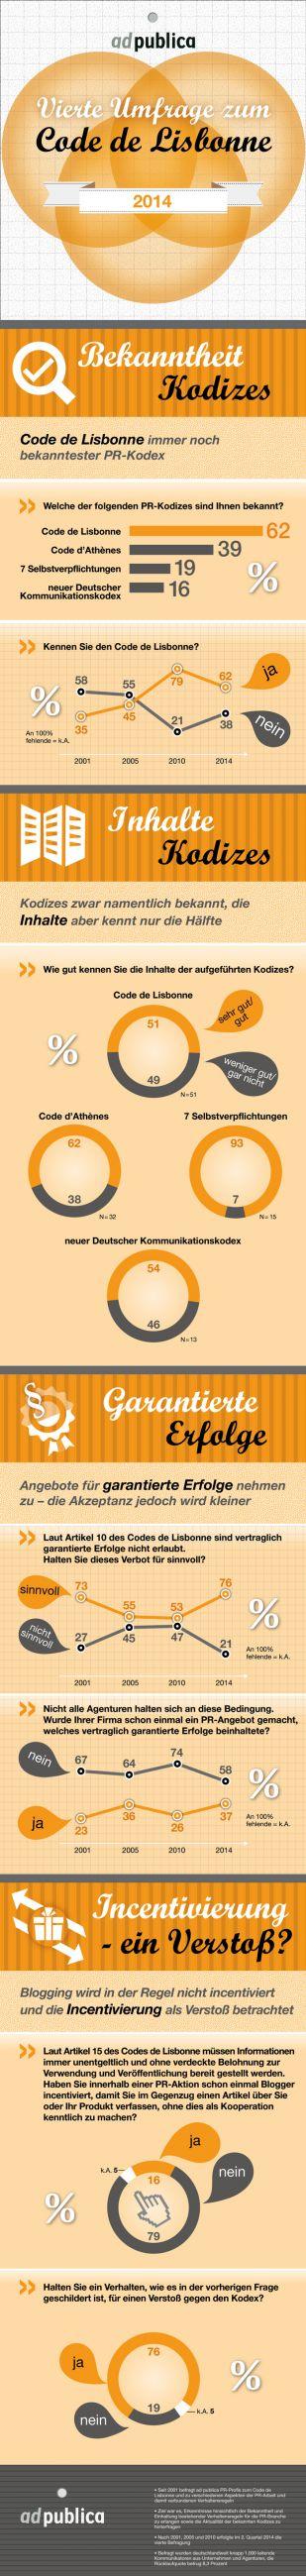 ad-publica-vierte-umfrage-zum-code-de-lisbonne-grafik-gesamt